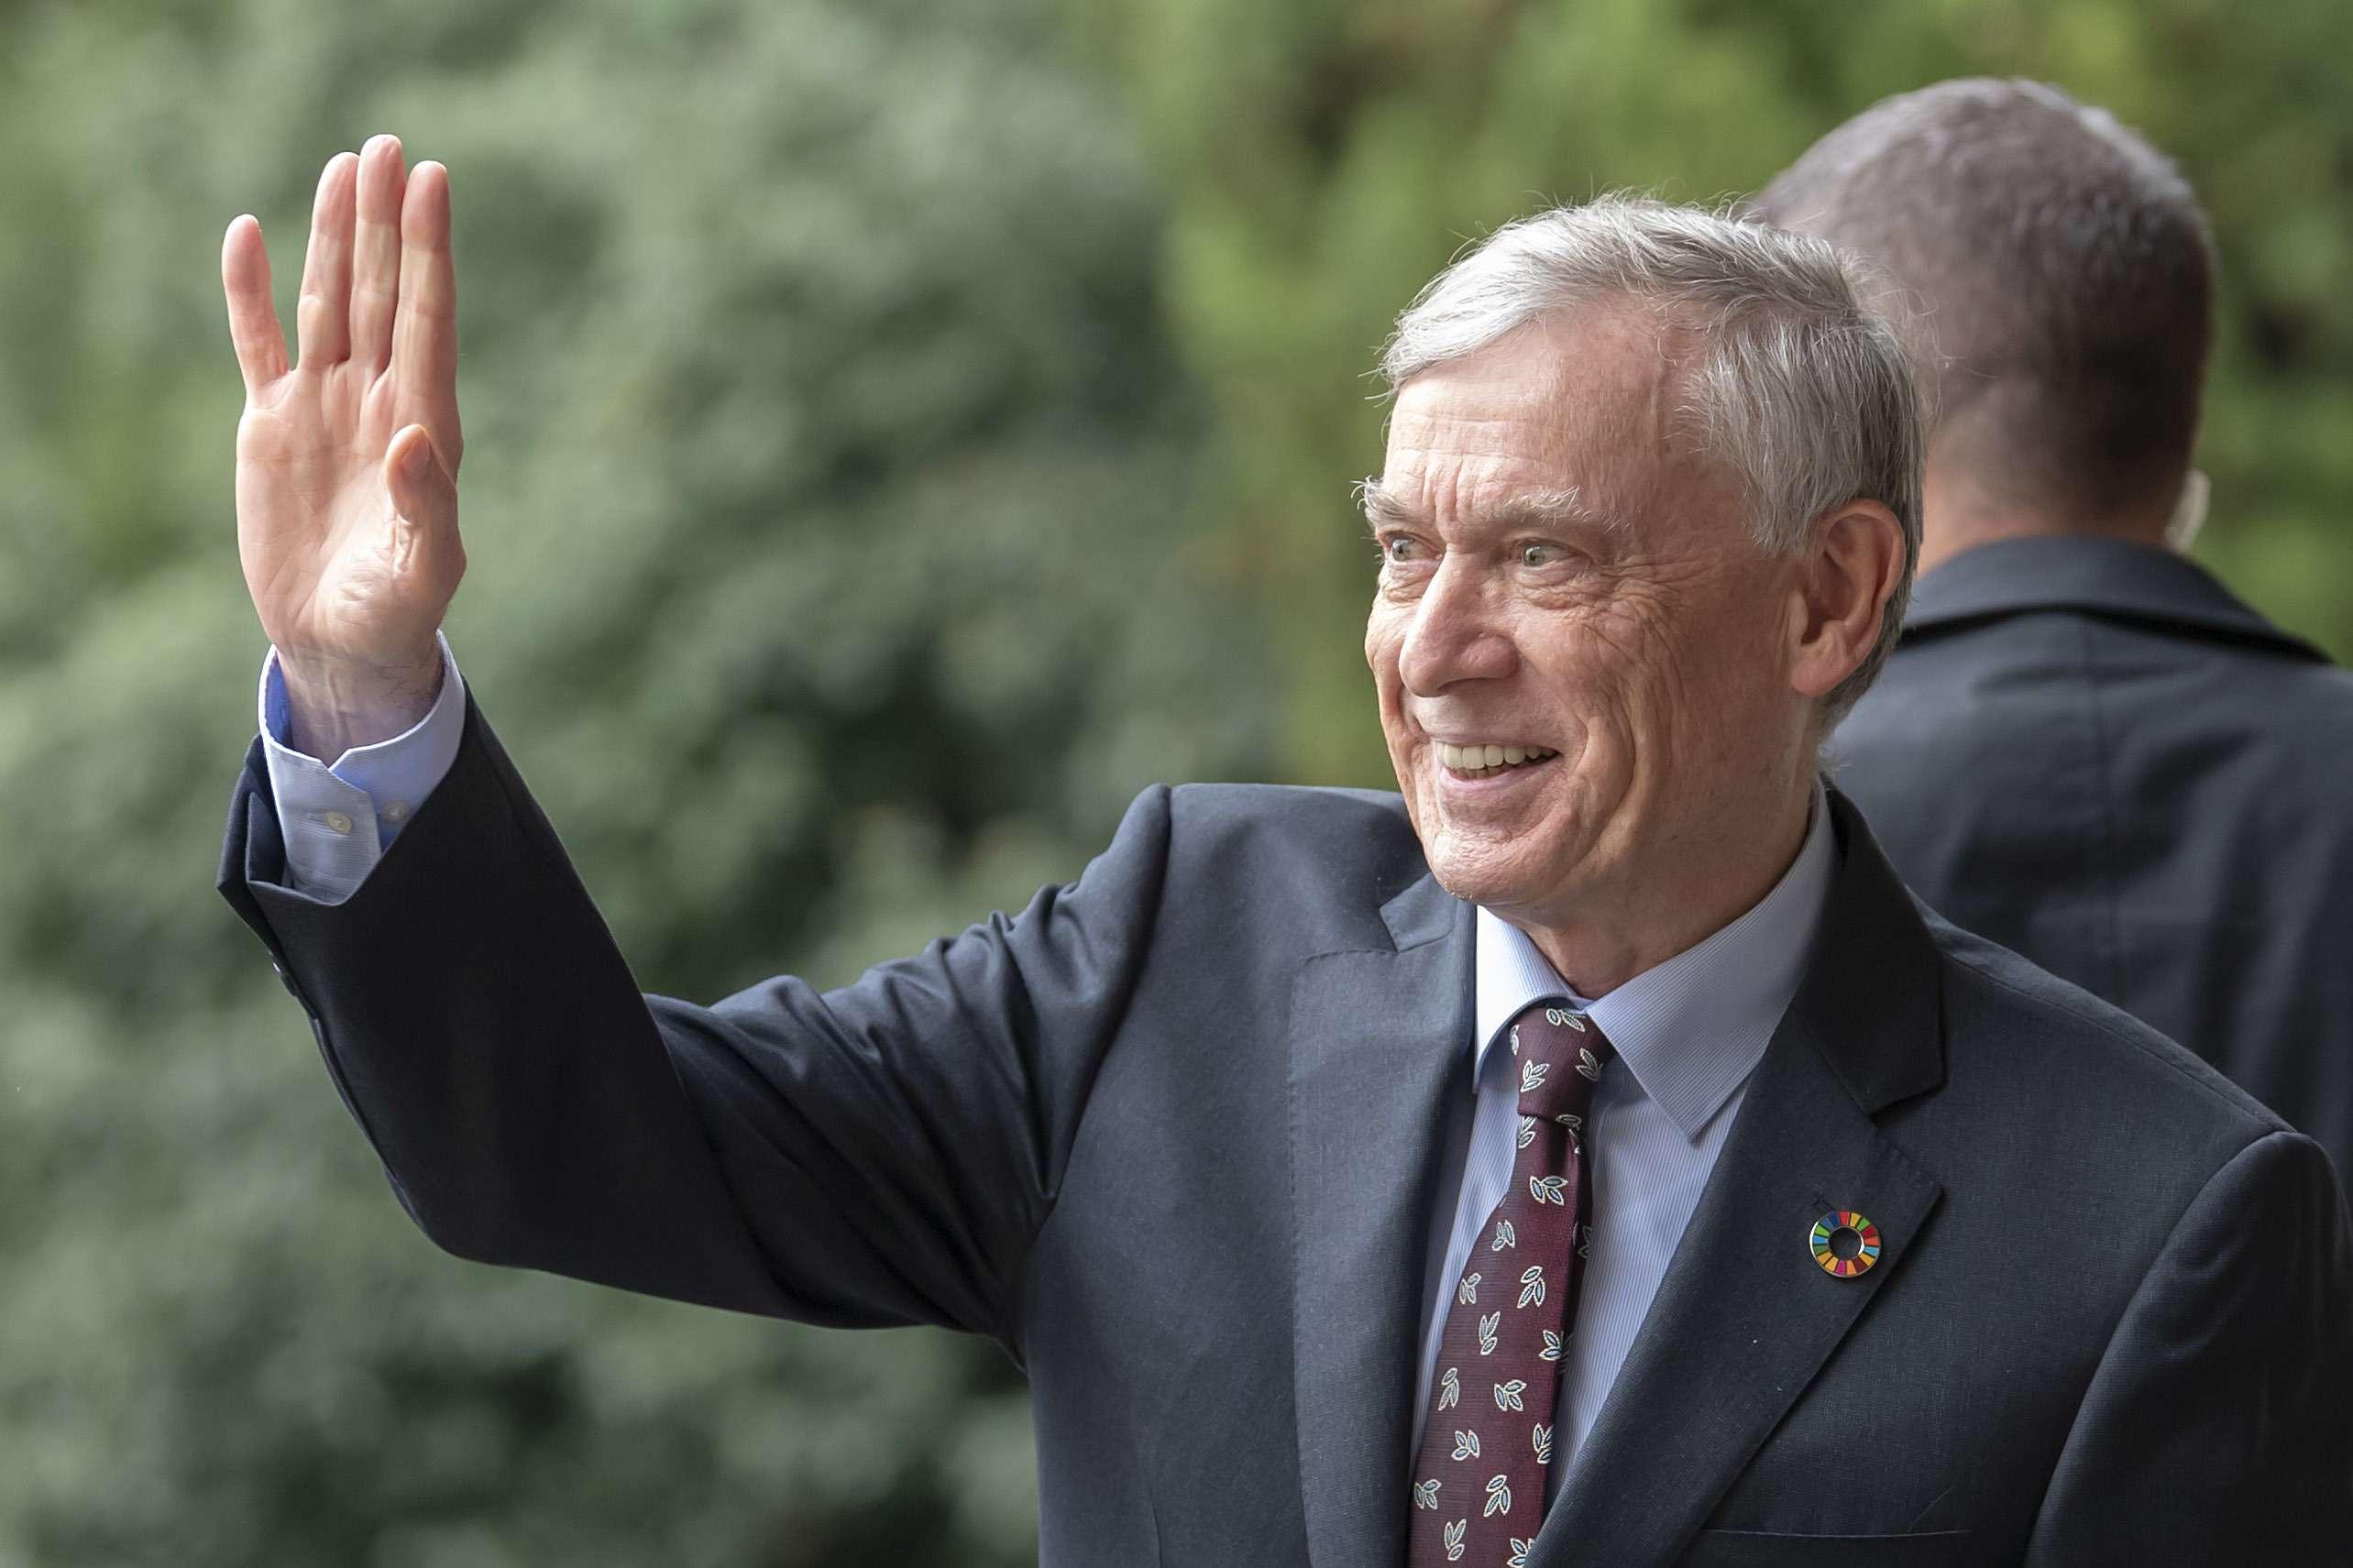 L'envoyé spécial des Nations unies pour le Sahara occidental, Horst Köhler, arrivant à Genève le 5 décembre 2018.